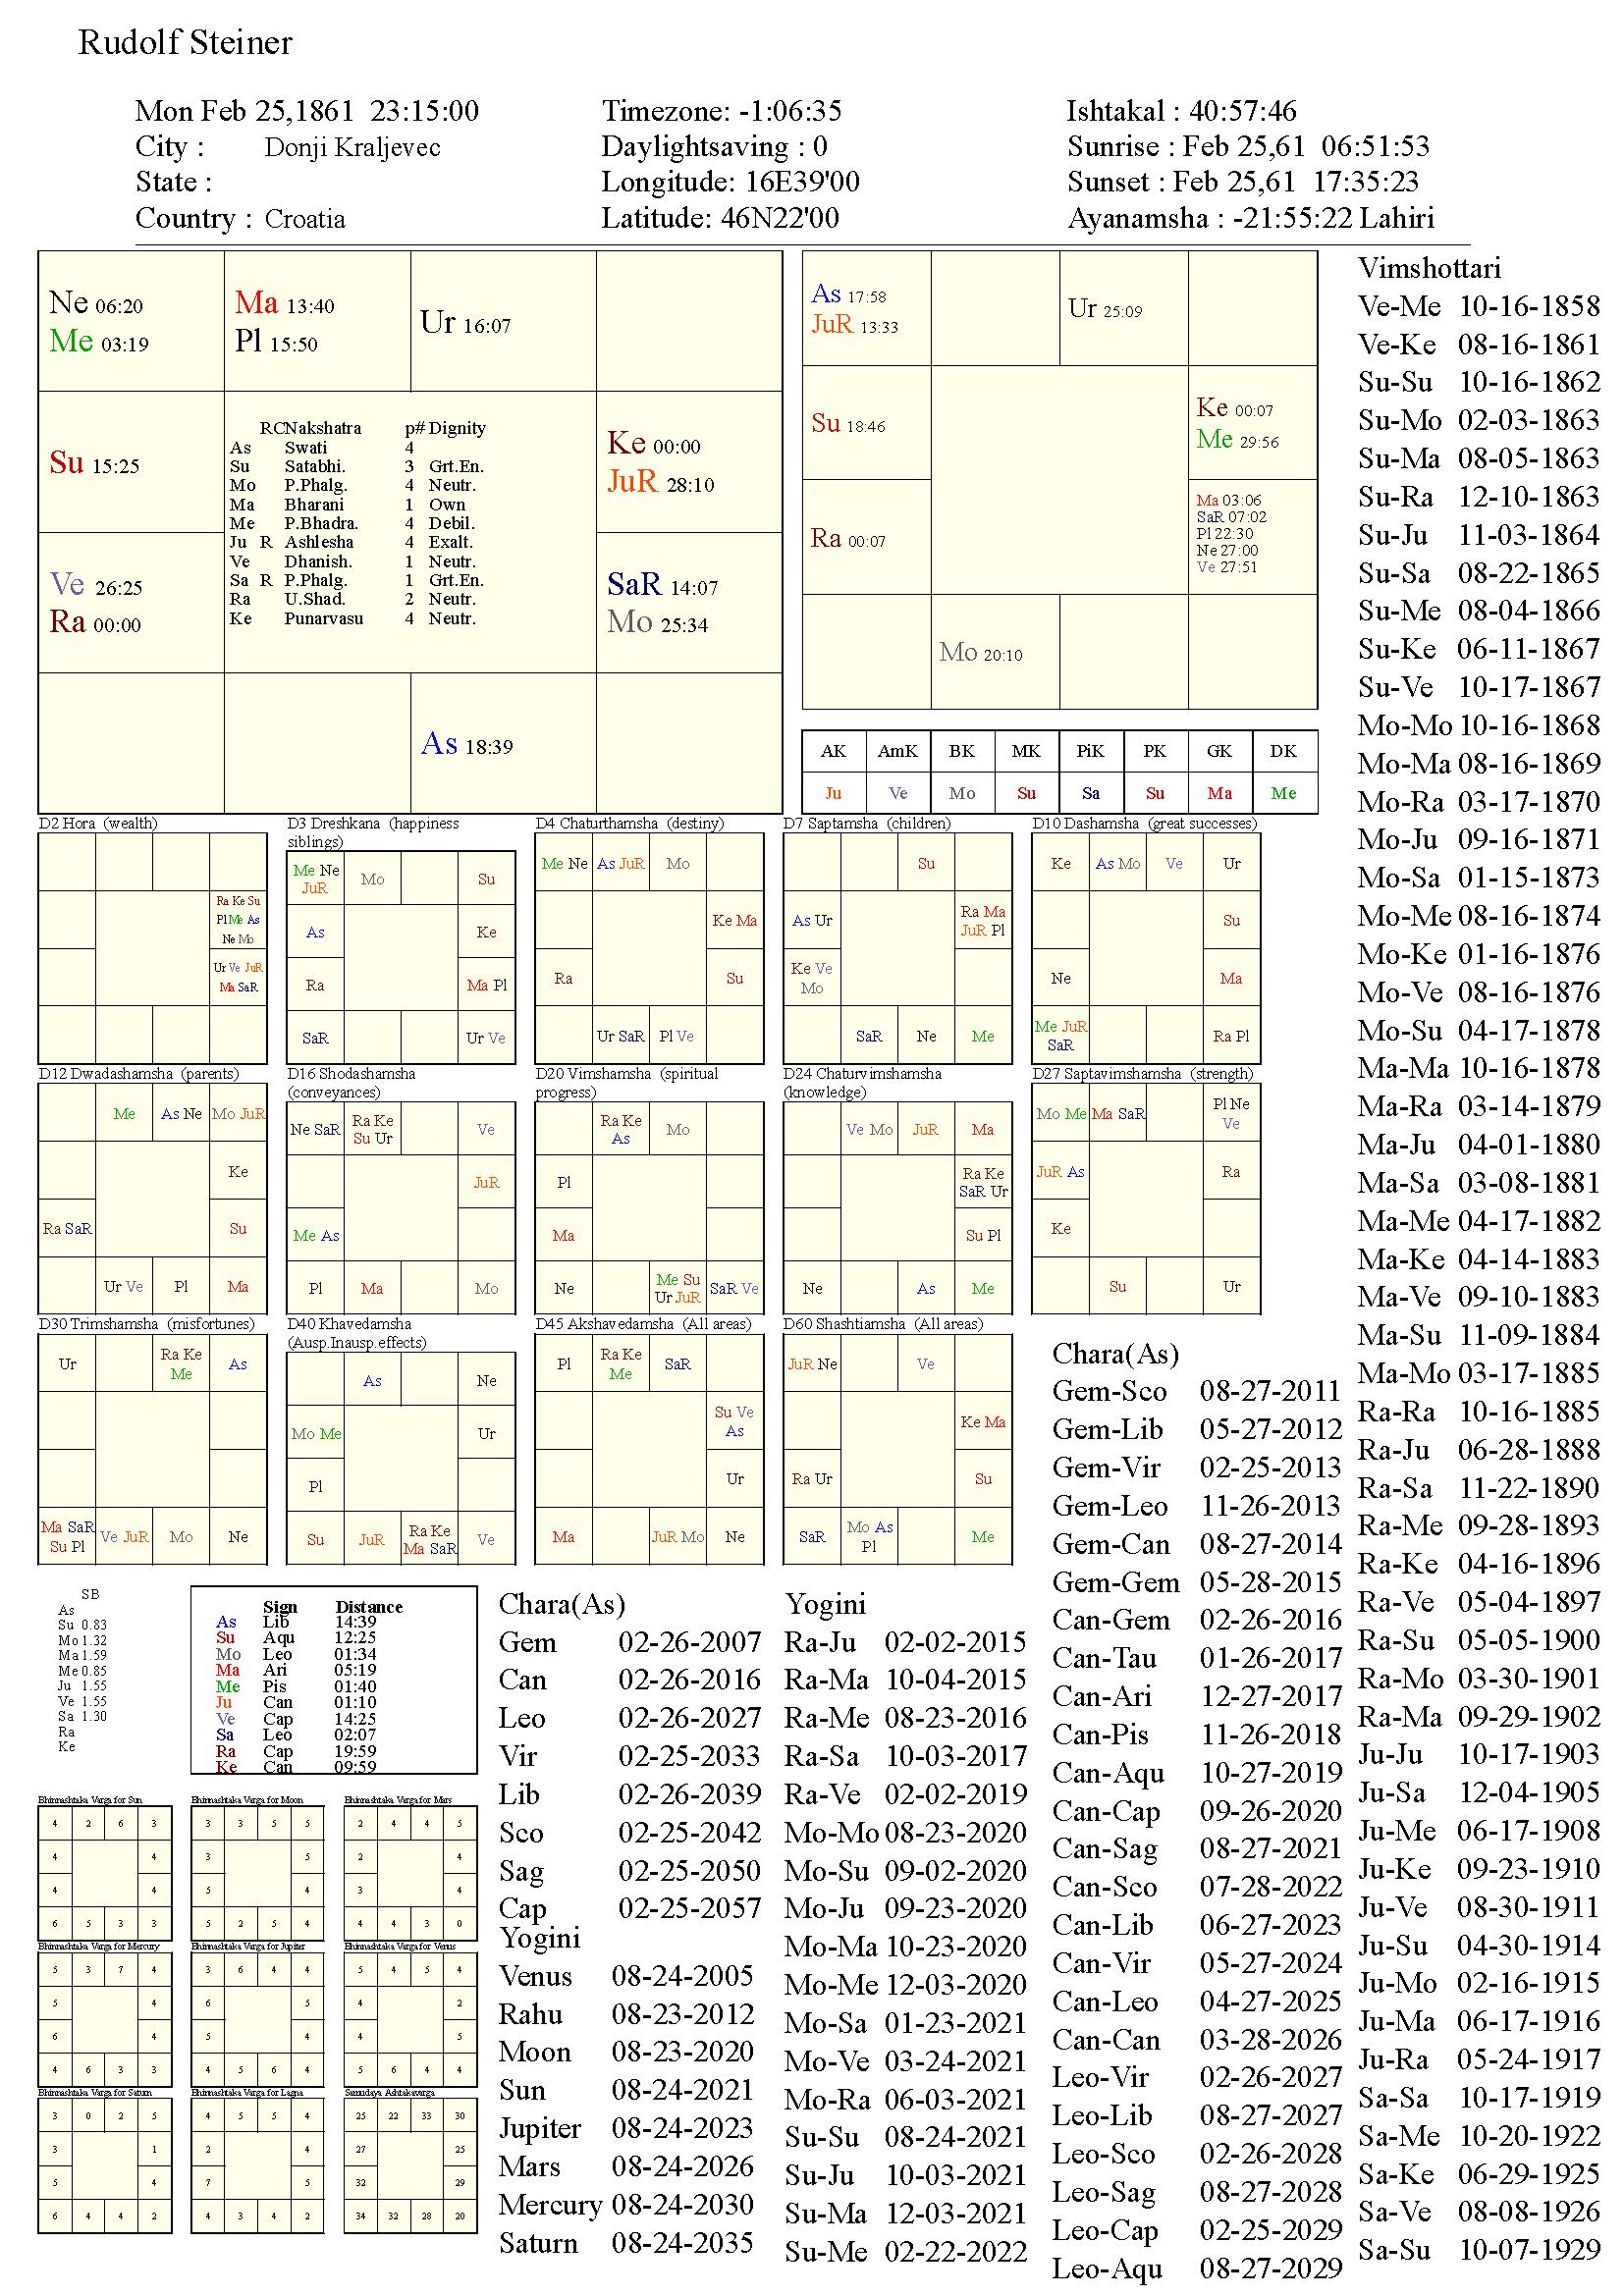 RudolfSteiner_chart